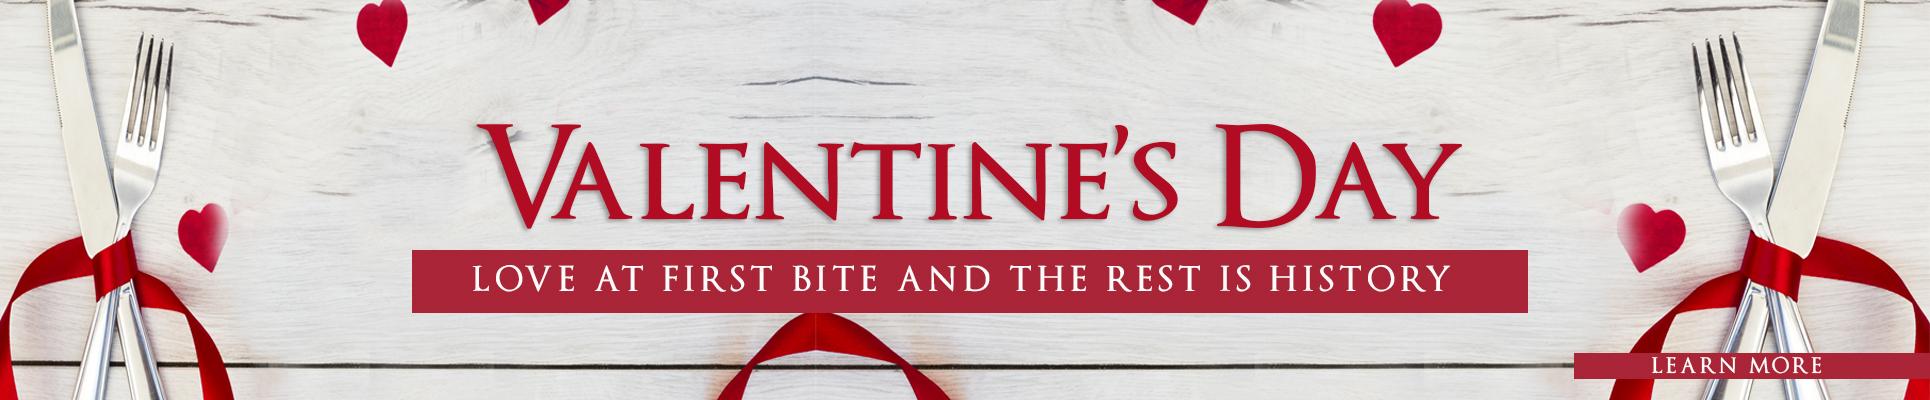 Kedar Valentines Day specials 2020